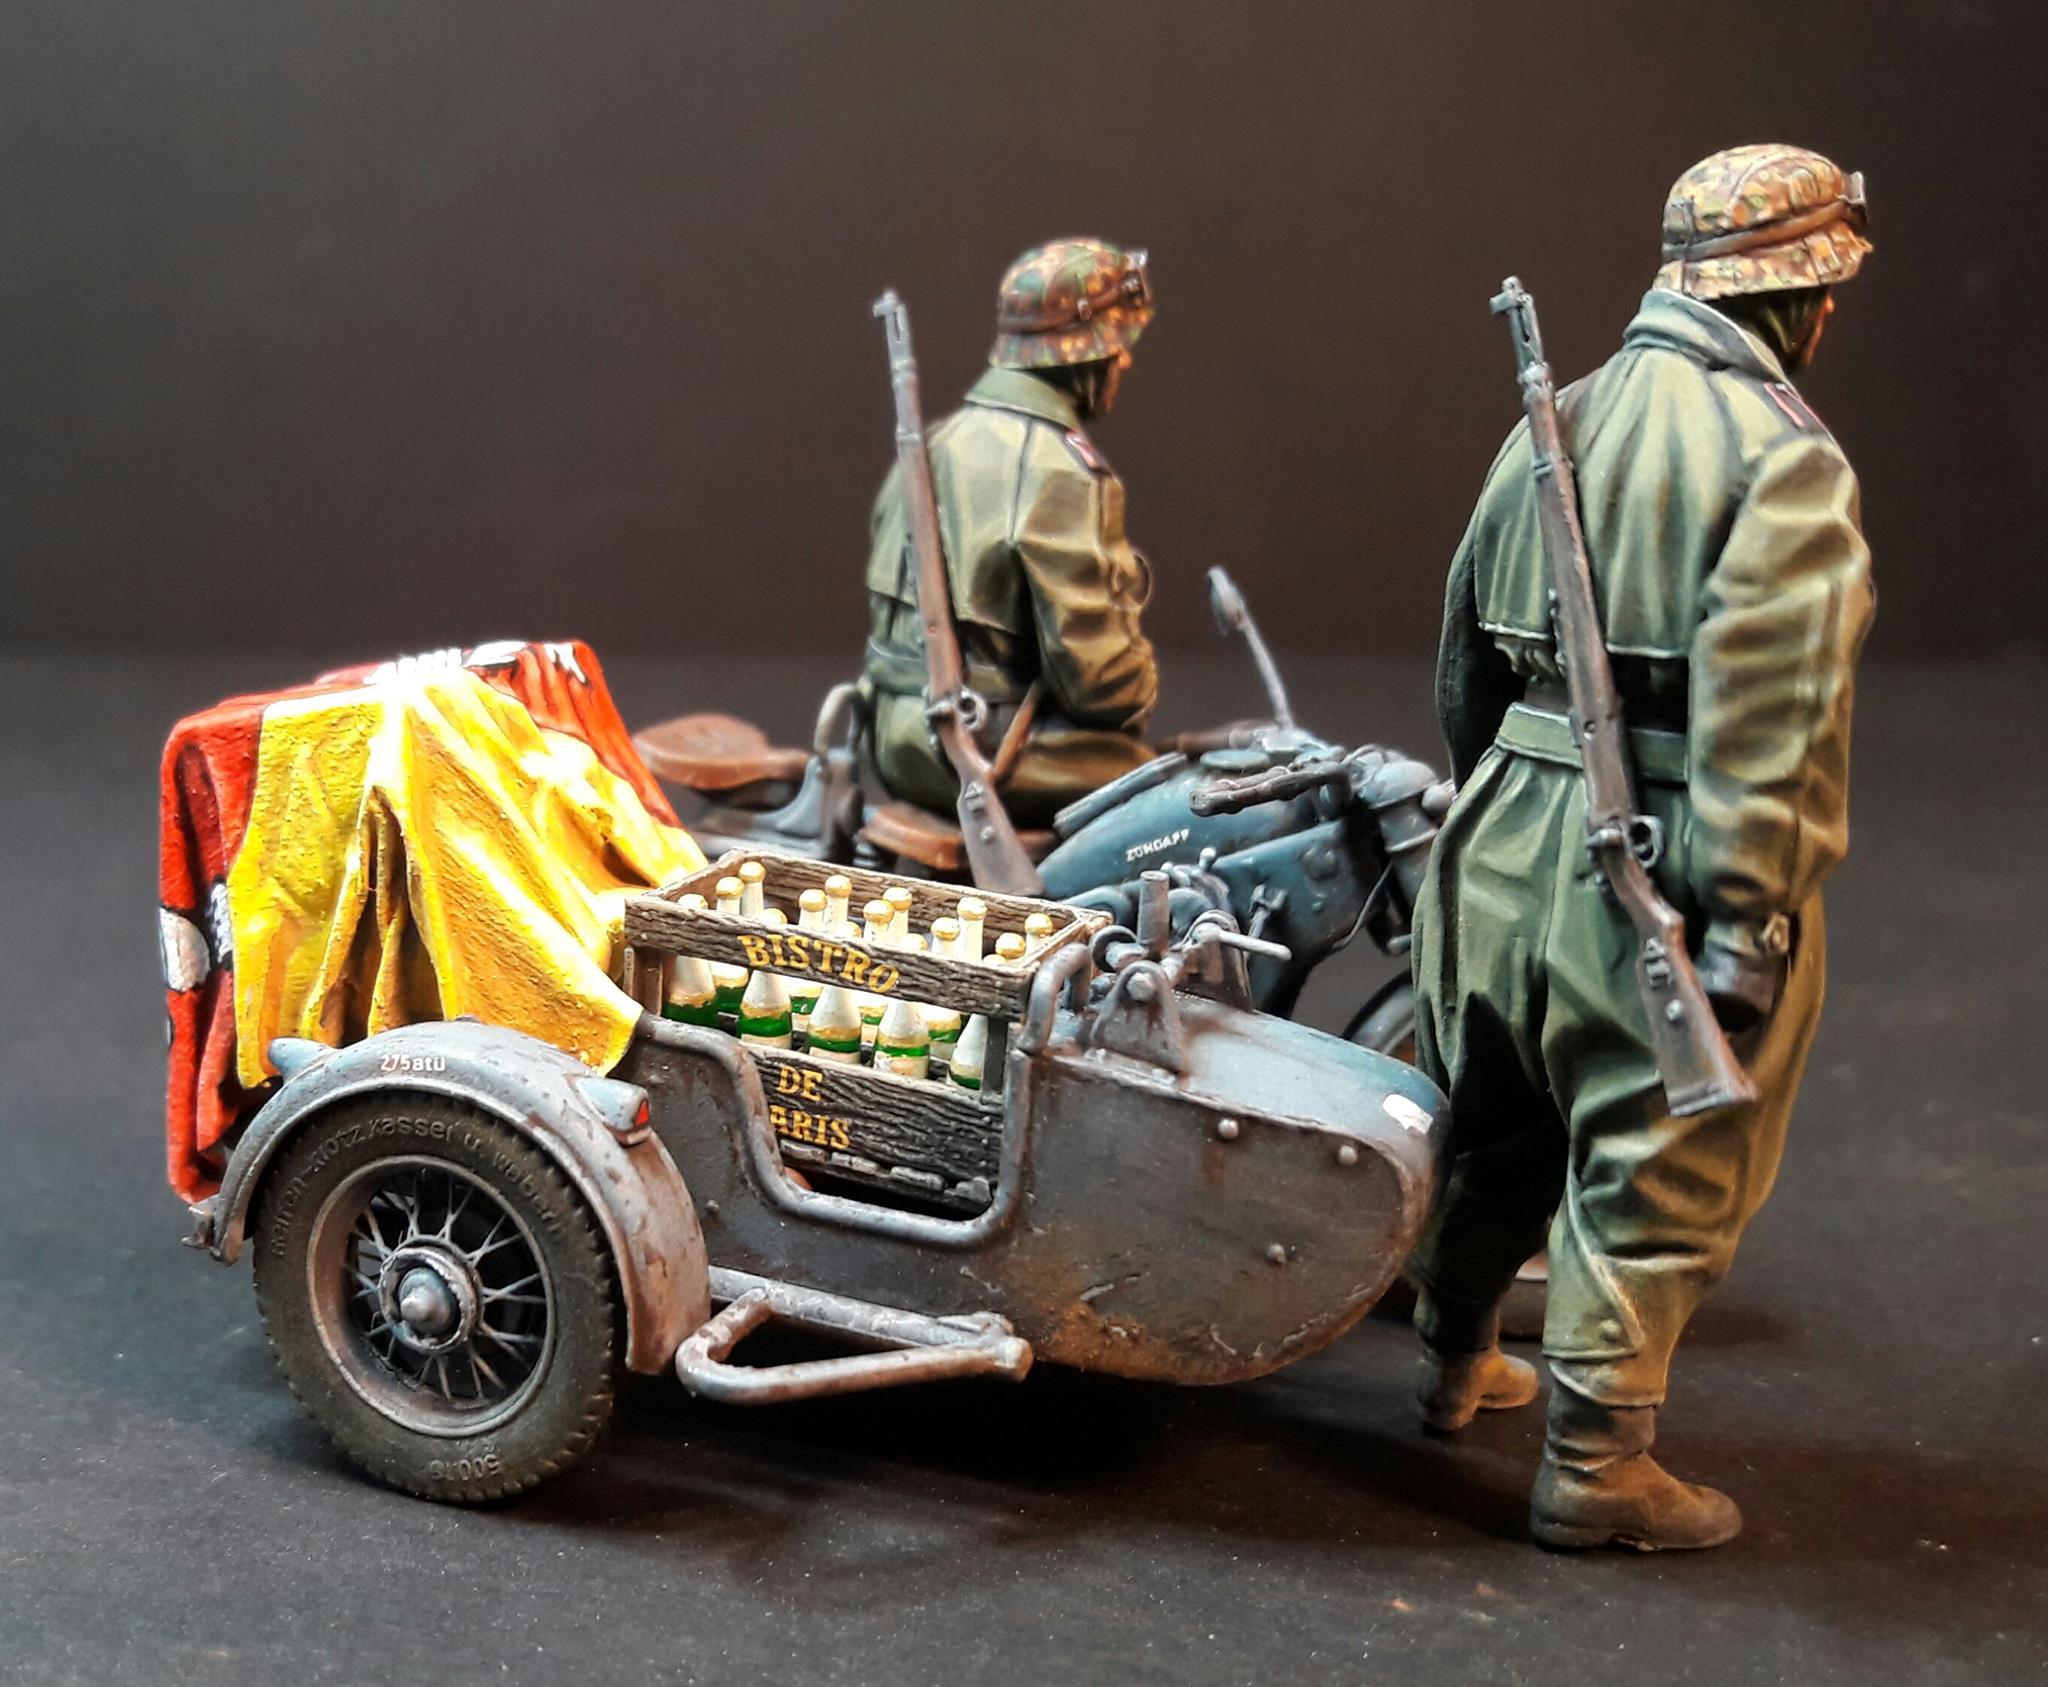 Zündapp KS750 - Sidecar - Great Wall Hobby + figurines Alpine - 1/35 - Page 5 1425472004884210211786806480159372285762o